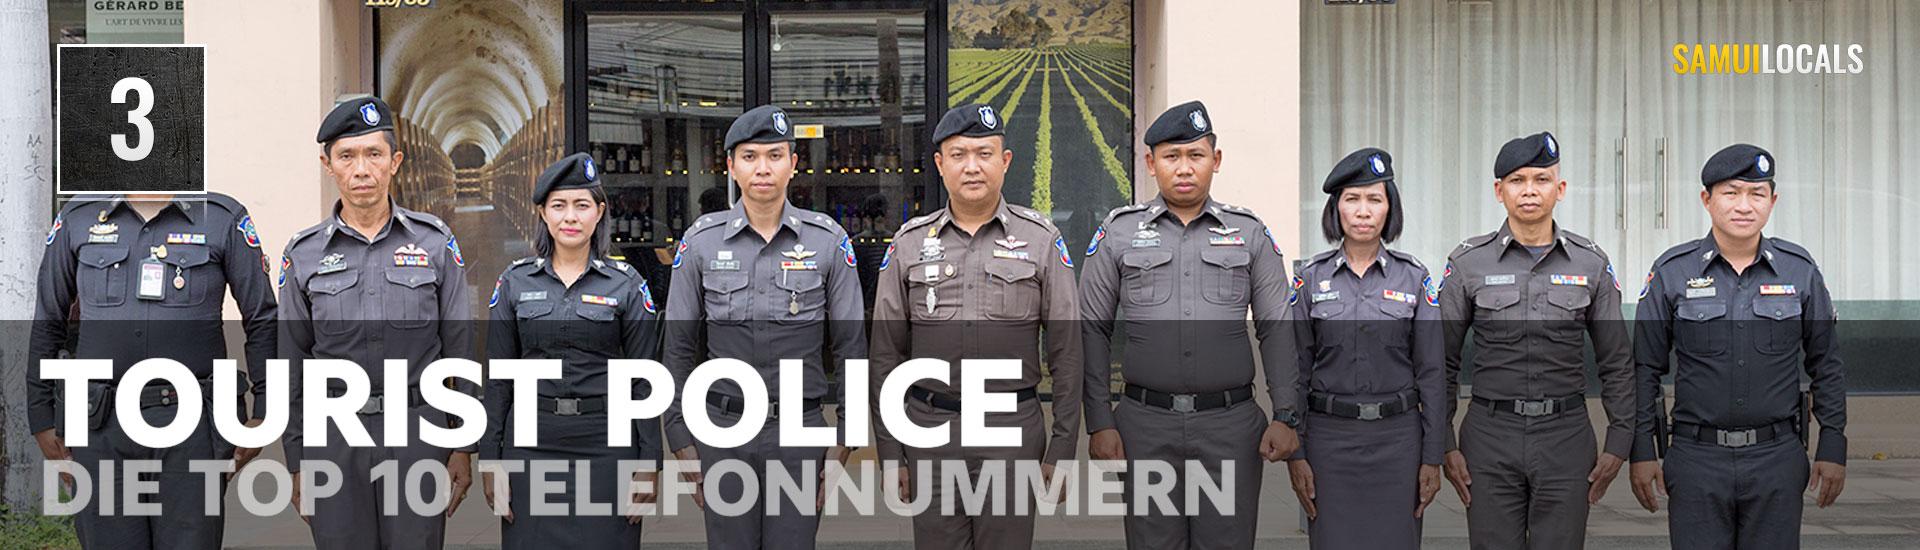 koh_samui_top_10_tourist_police